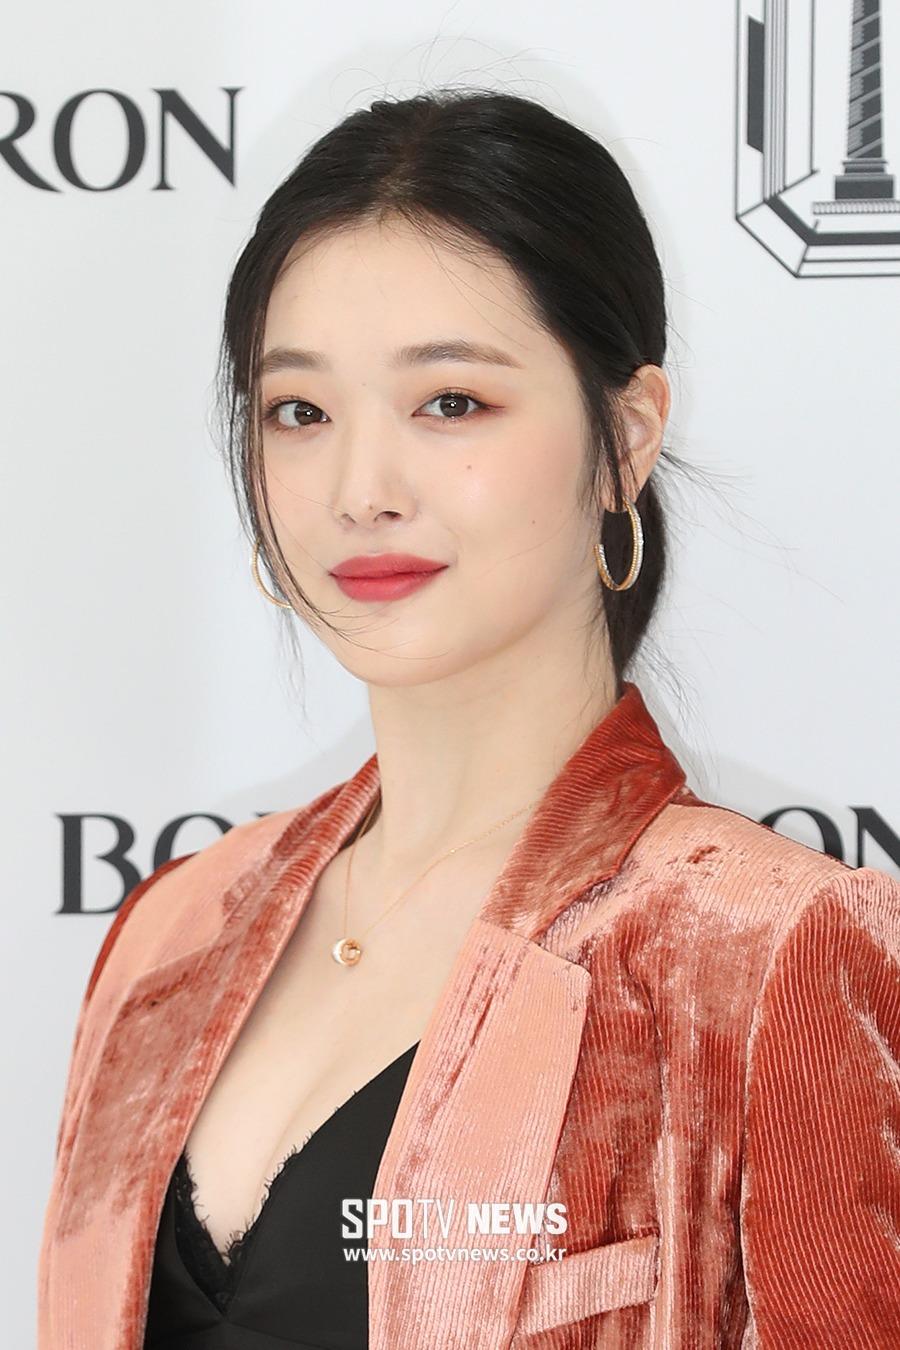 雪莉将特别出演韩国tvN电视剧《德鲁纳酒店》!助阵好朋友IU